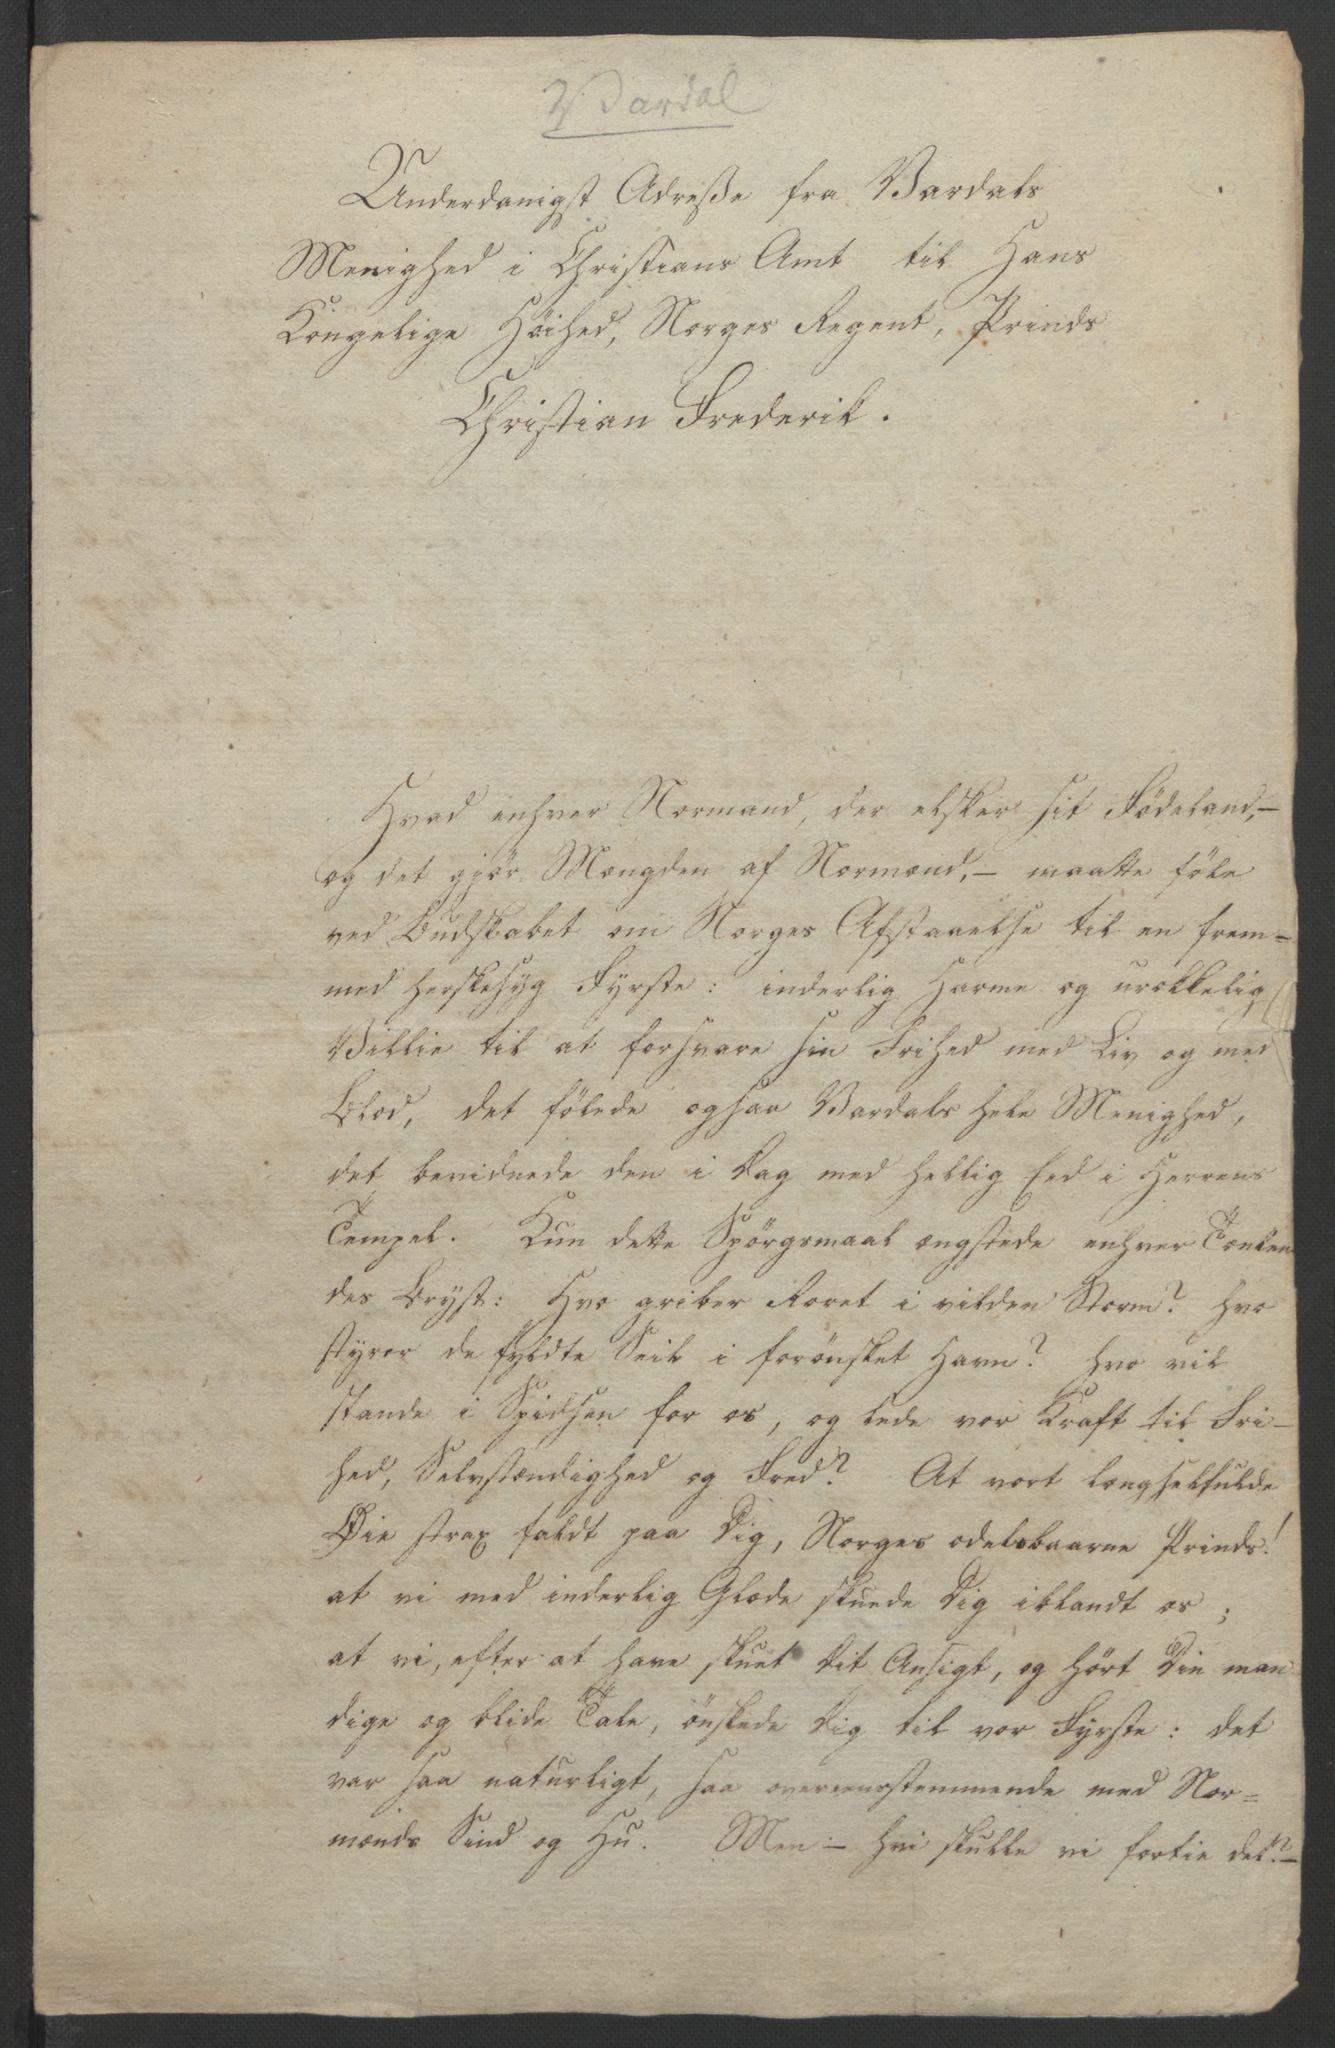 RA, Statsrådssekretariatet, D/Db/L0007: Fullmakter for Eidsvollsrepresentantene i 1814. , 1814, s. 293